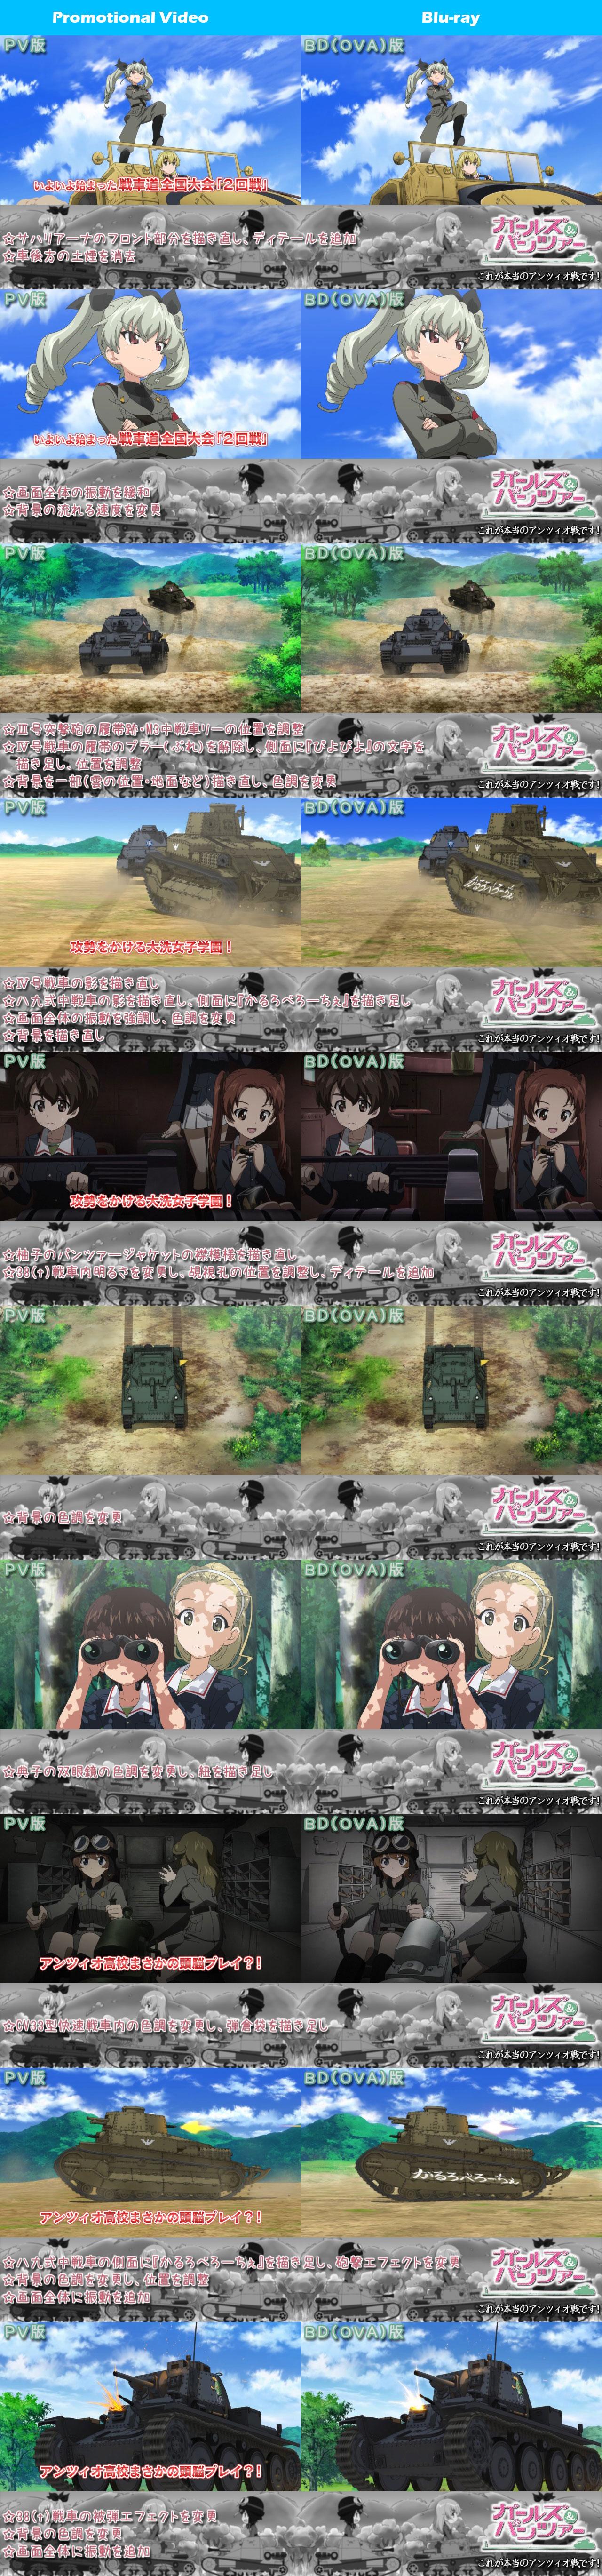 Girls-Und-Panzer-Kore-Ga-Hontou-No-Anzio-Sen-Desu-TV-and-Blu-ray-Comparison-3_Haruhichan.com